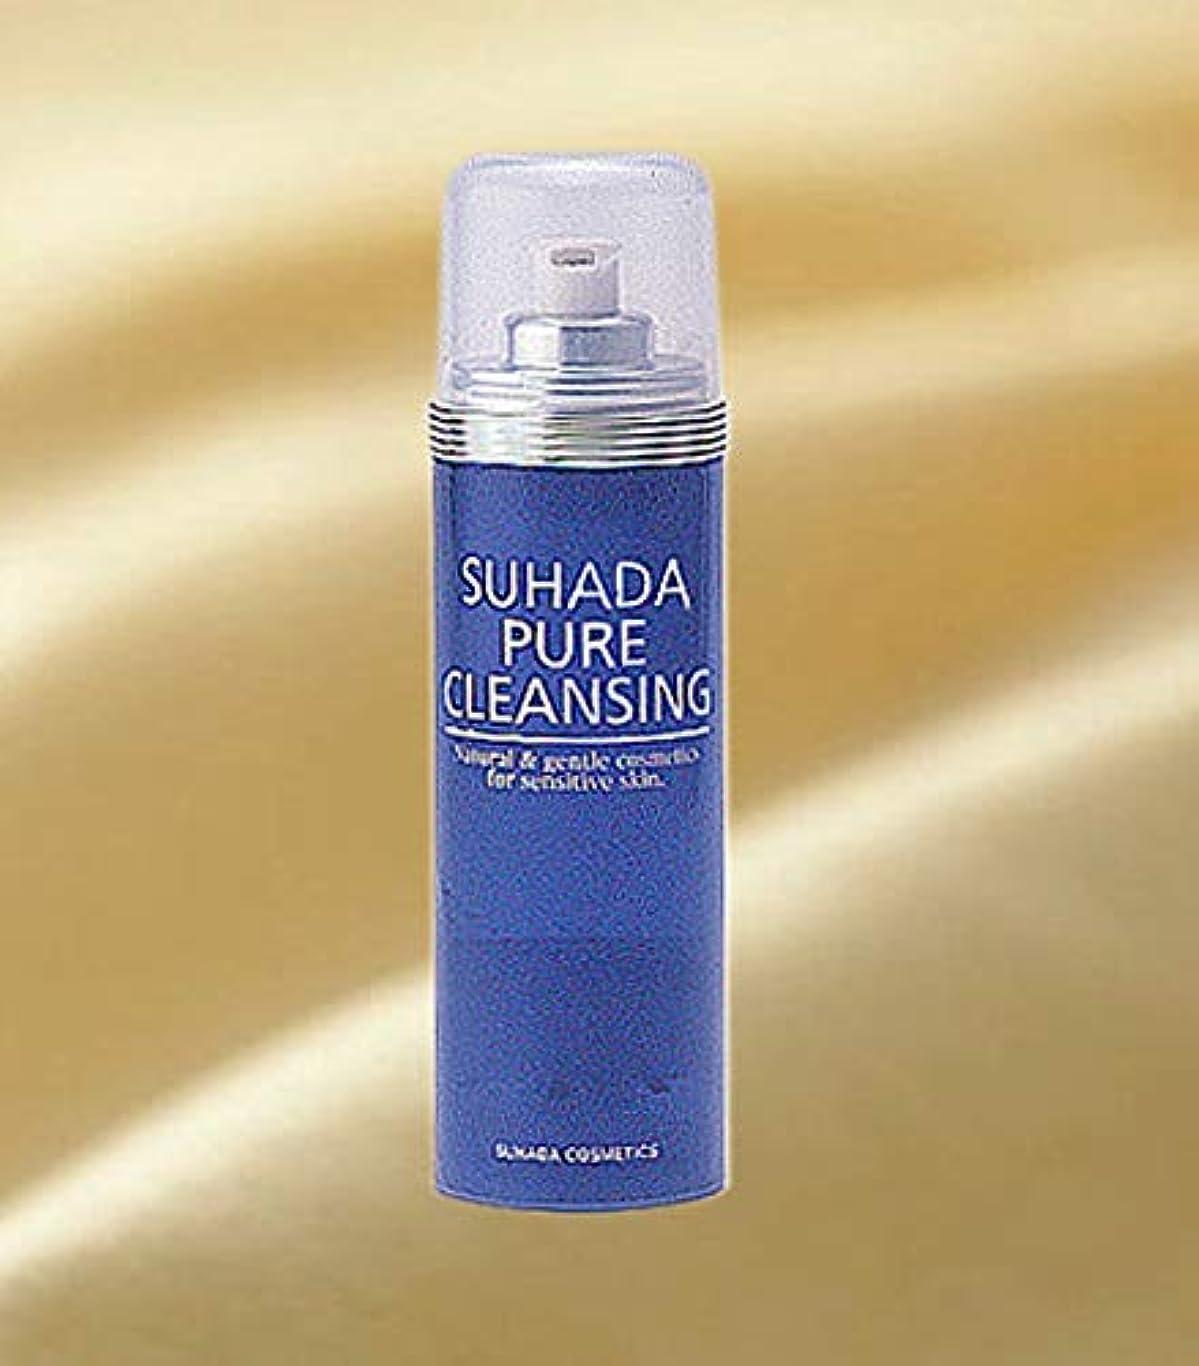 束ねる一般アラビア語スハダ ピュアクレンジング(130g) Suhada Pure Cleansing